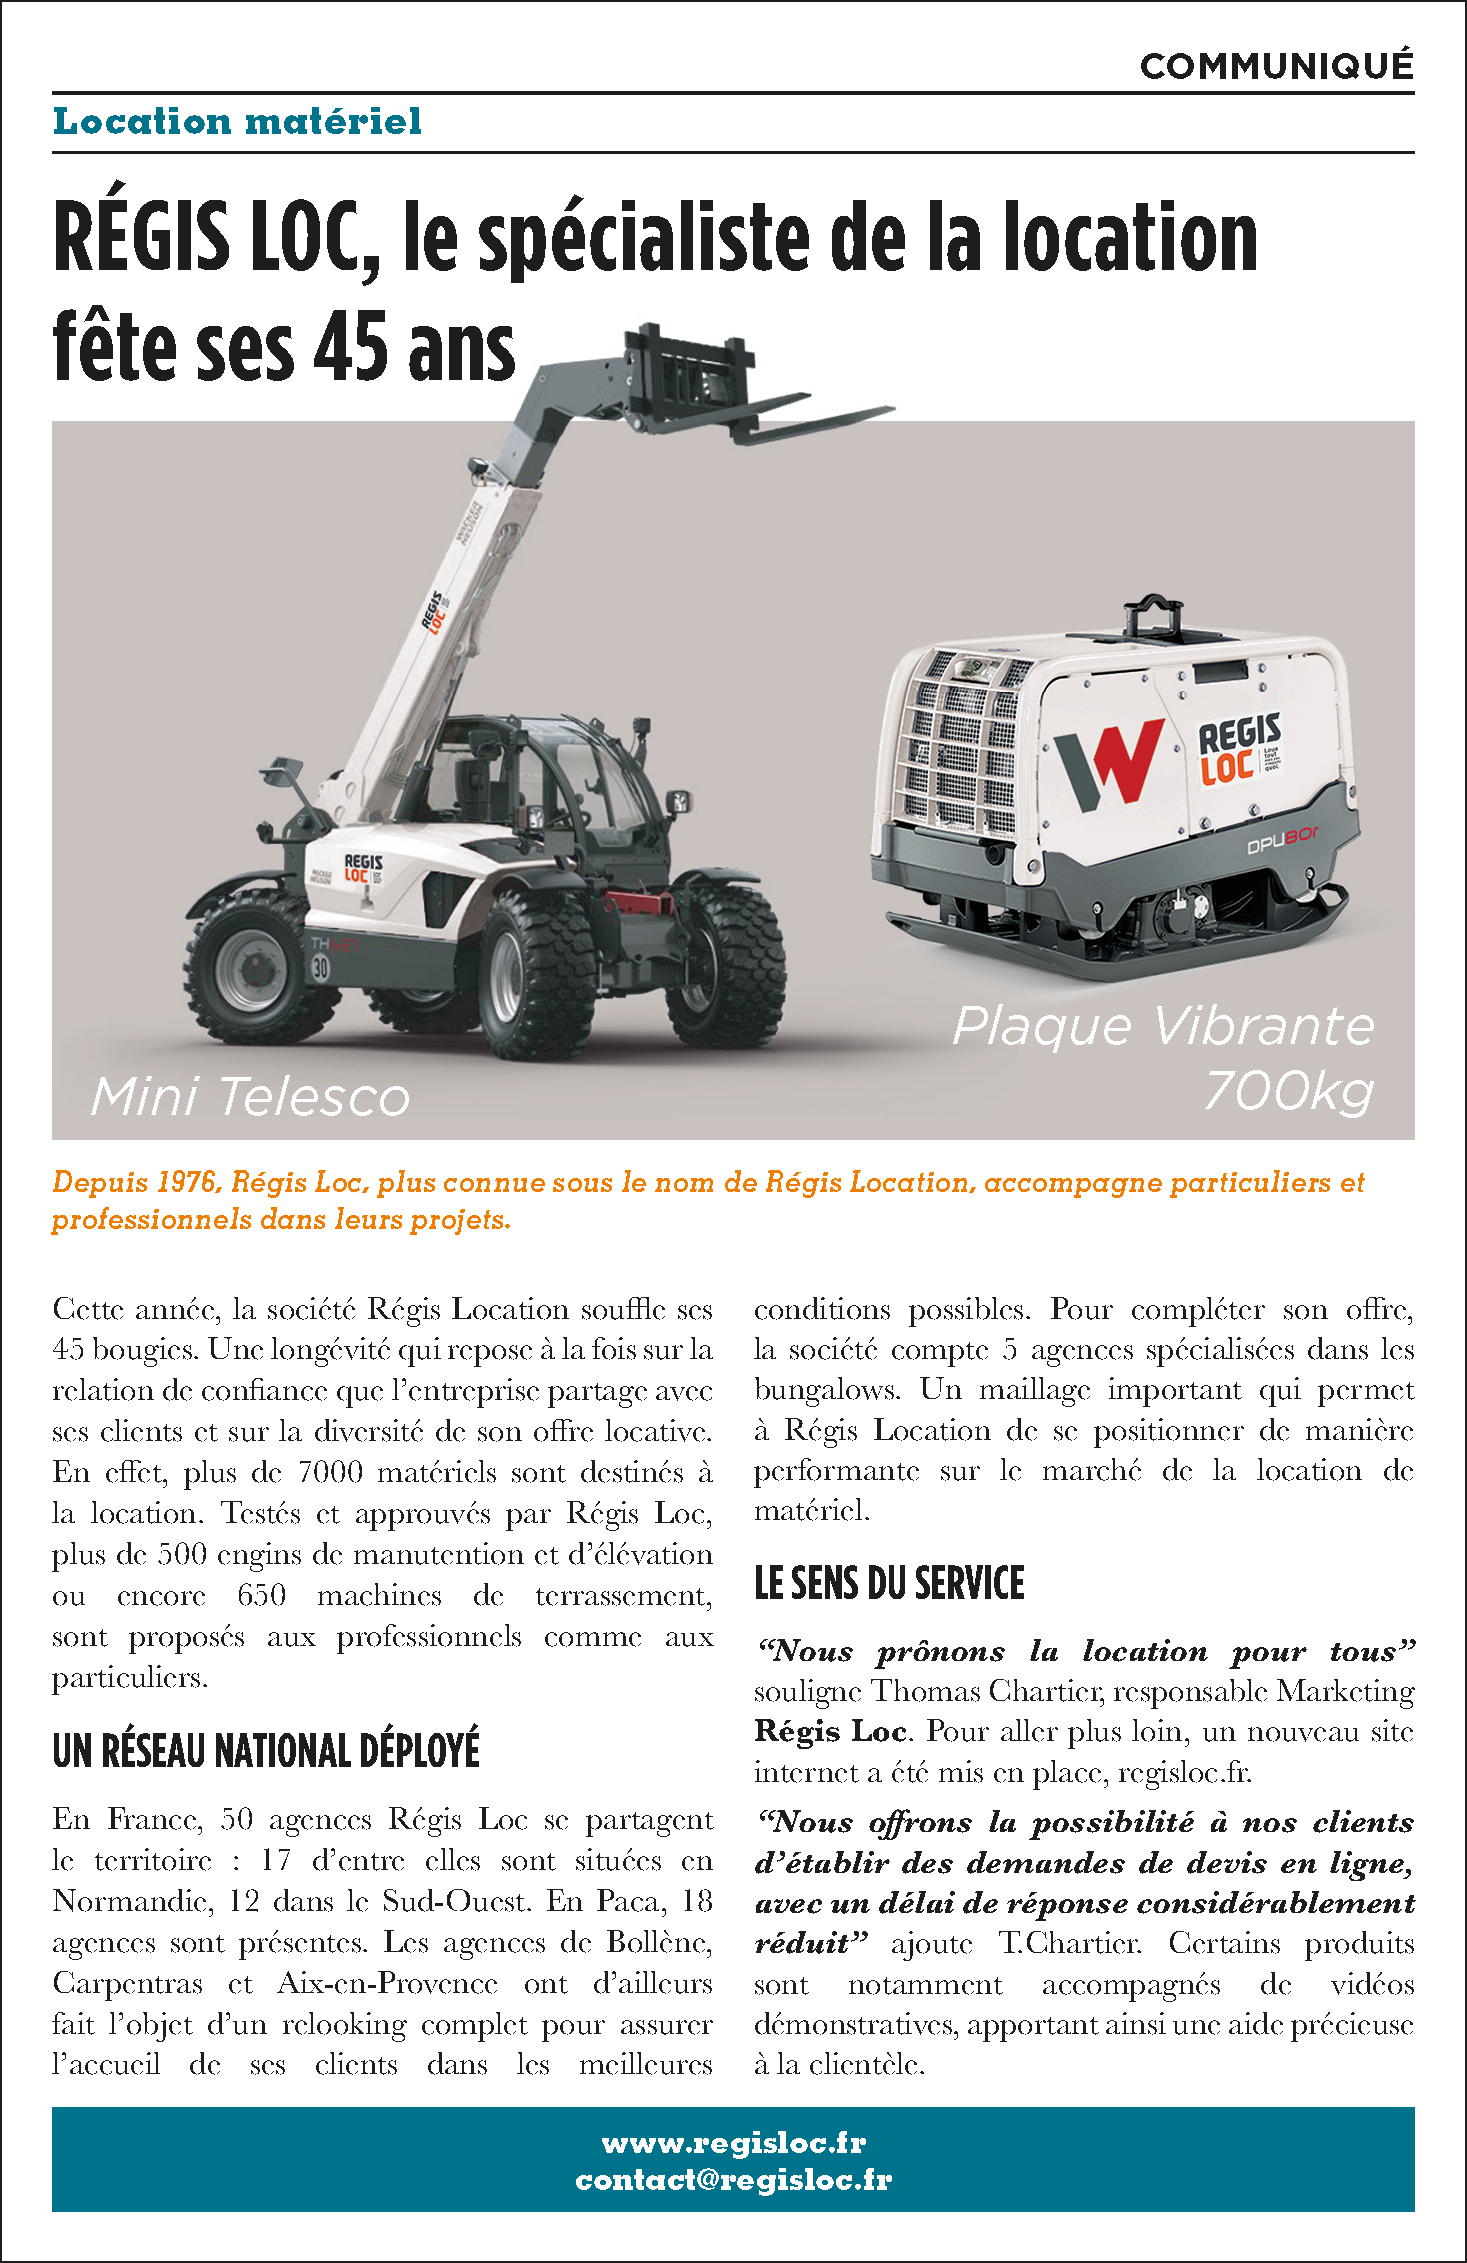 Article de Presse REGIS LOC dans La Provence